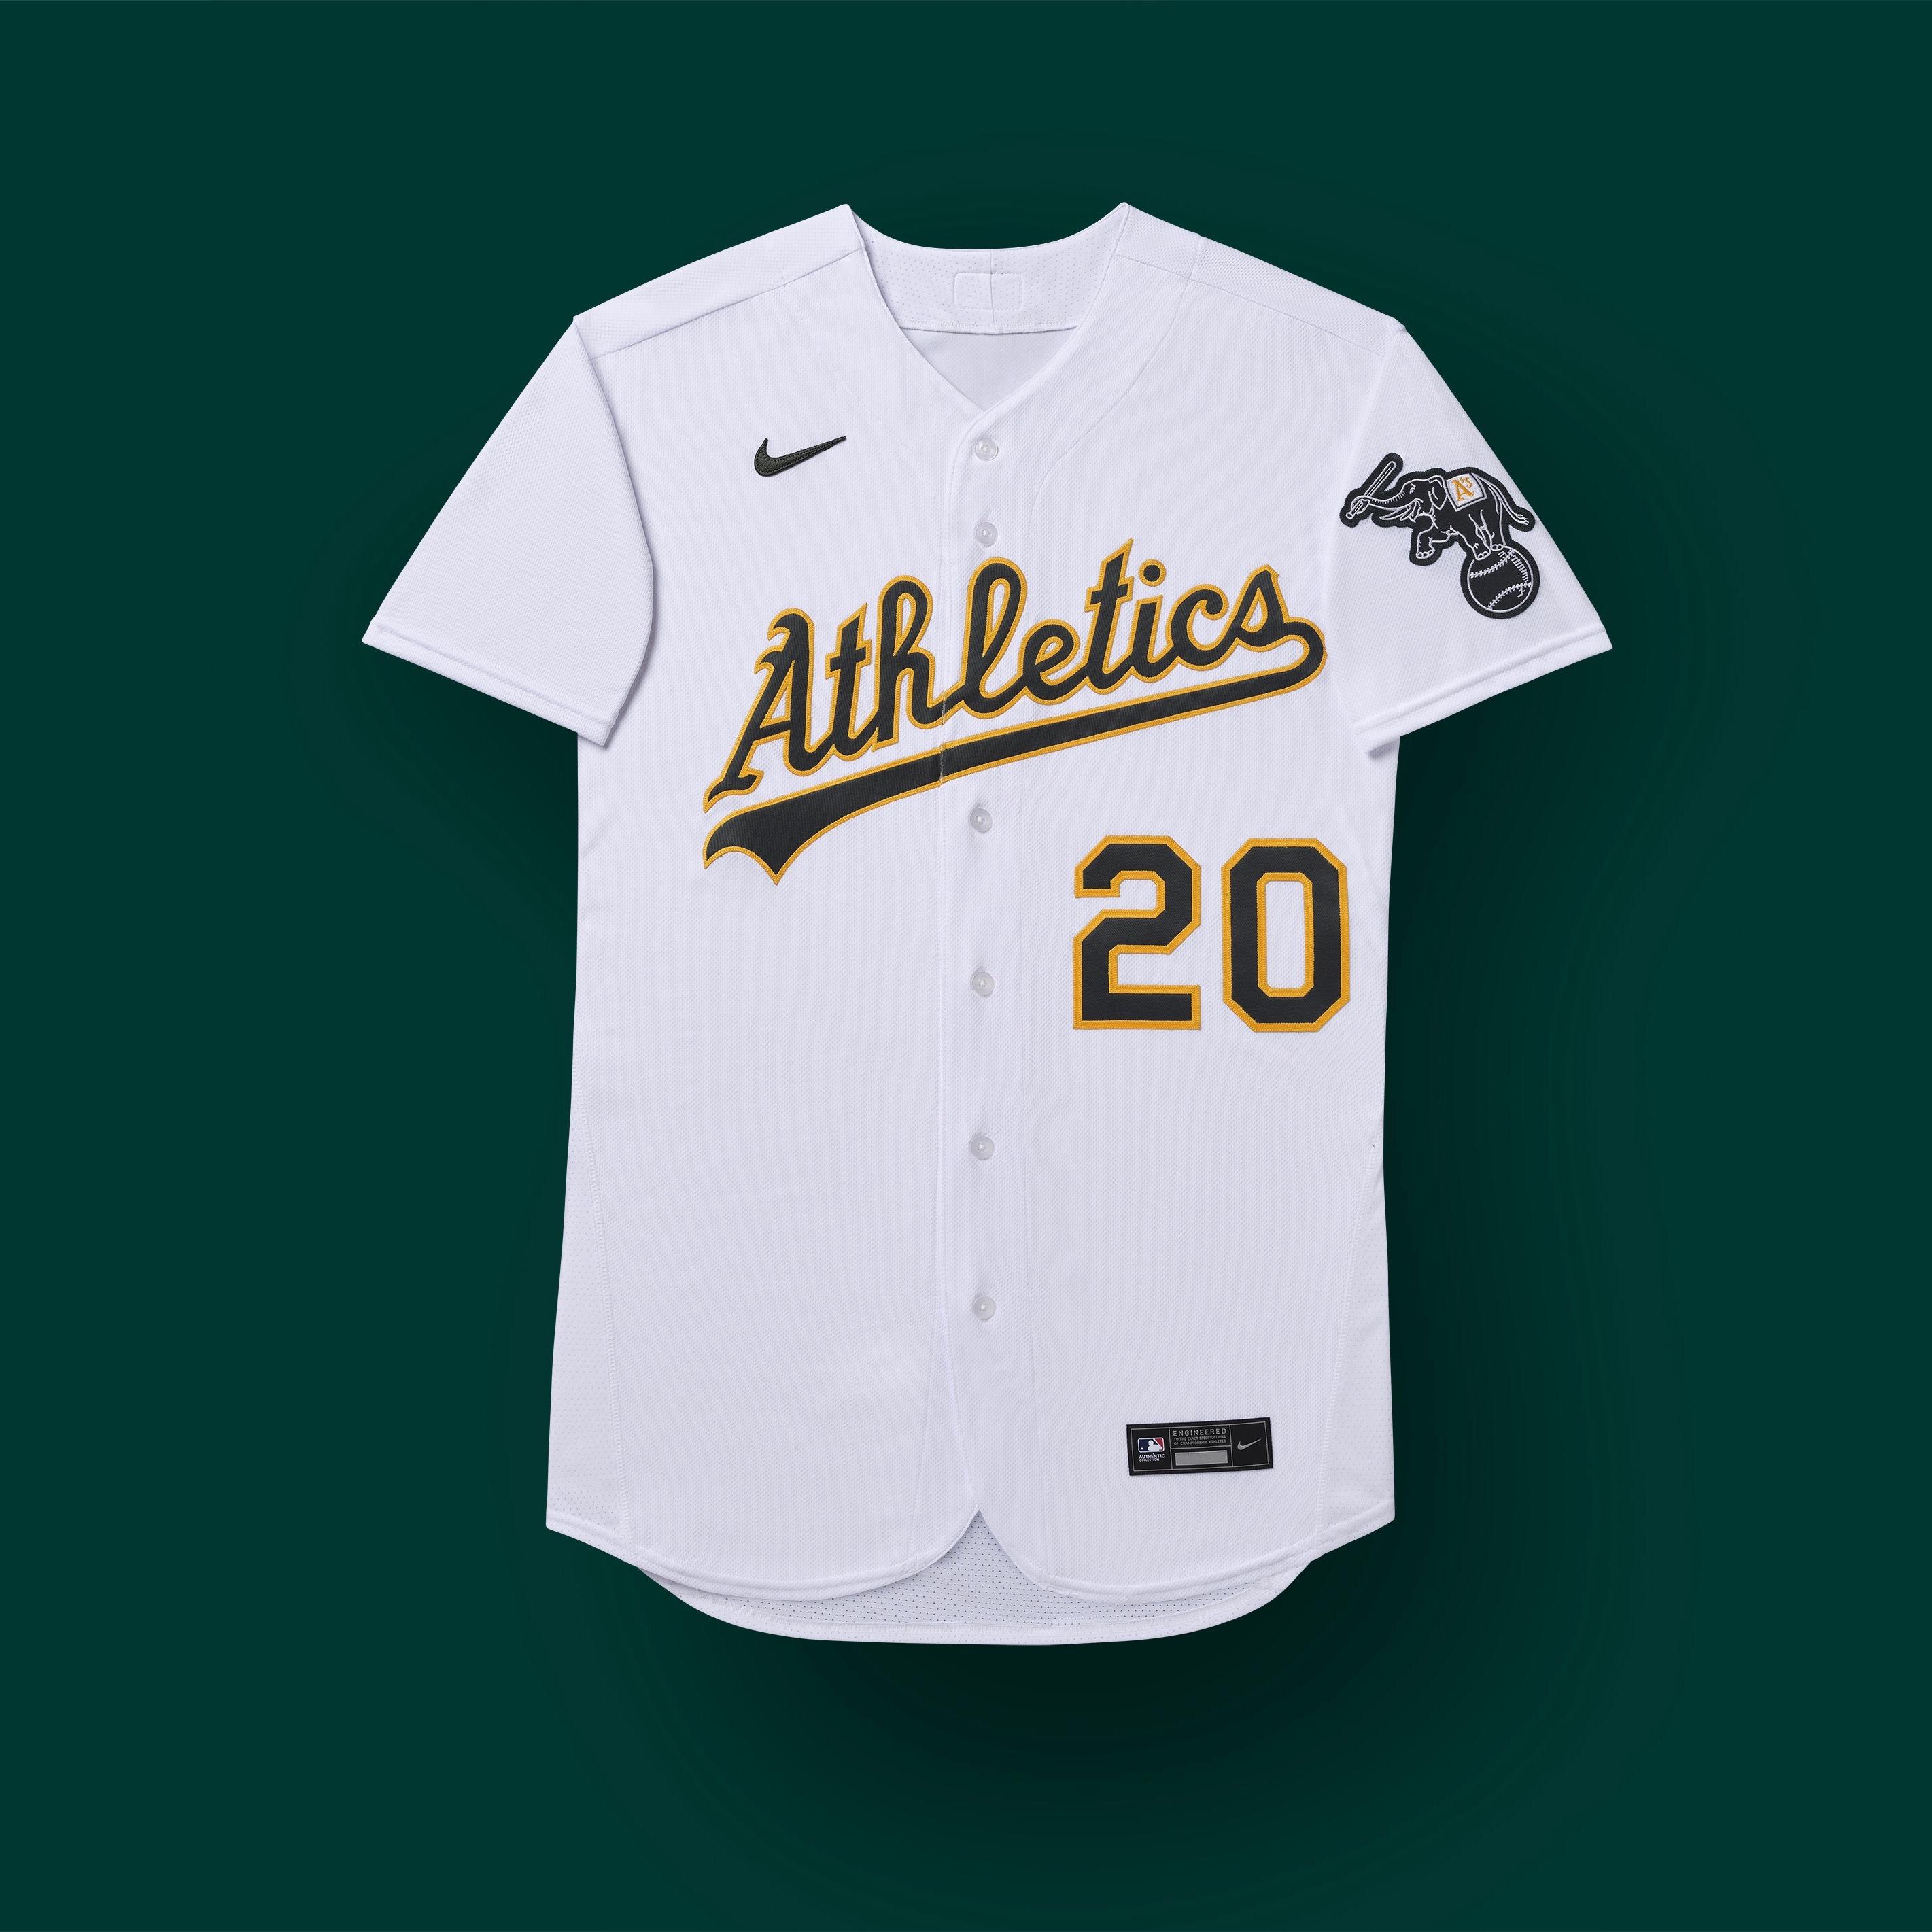 oakland a's 2020 uniforms